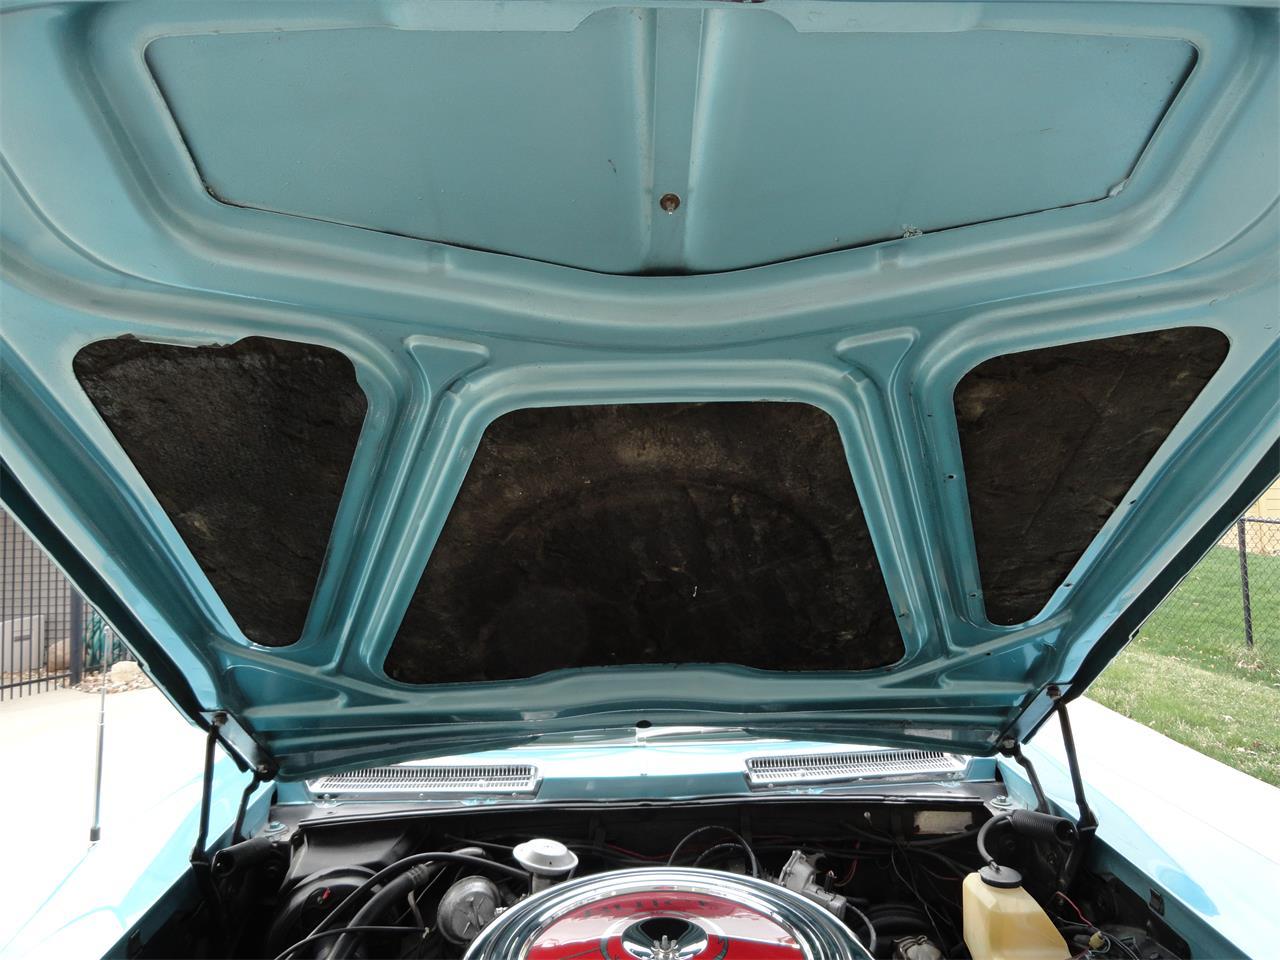 1964 Buick Riviera (CC-1089031) for sale in Urbandale, Iowa